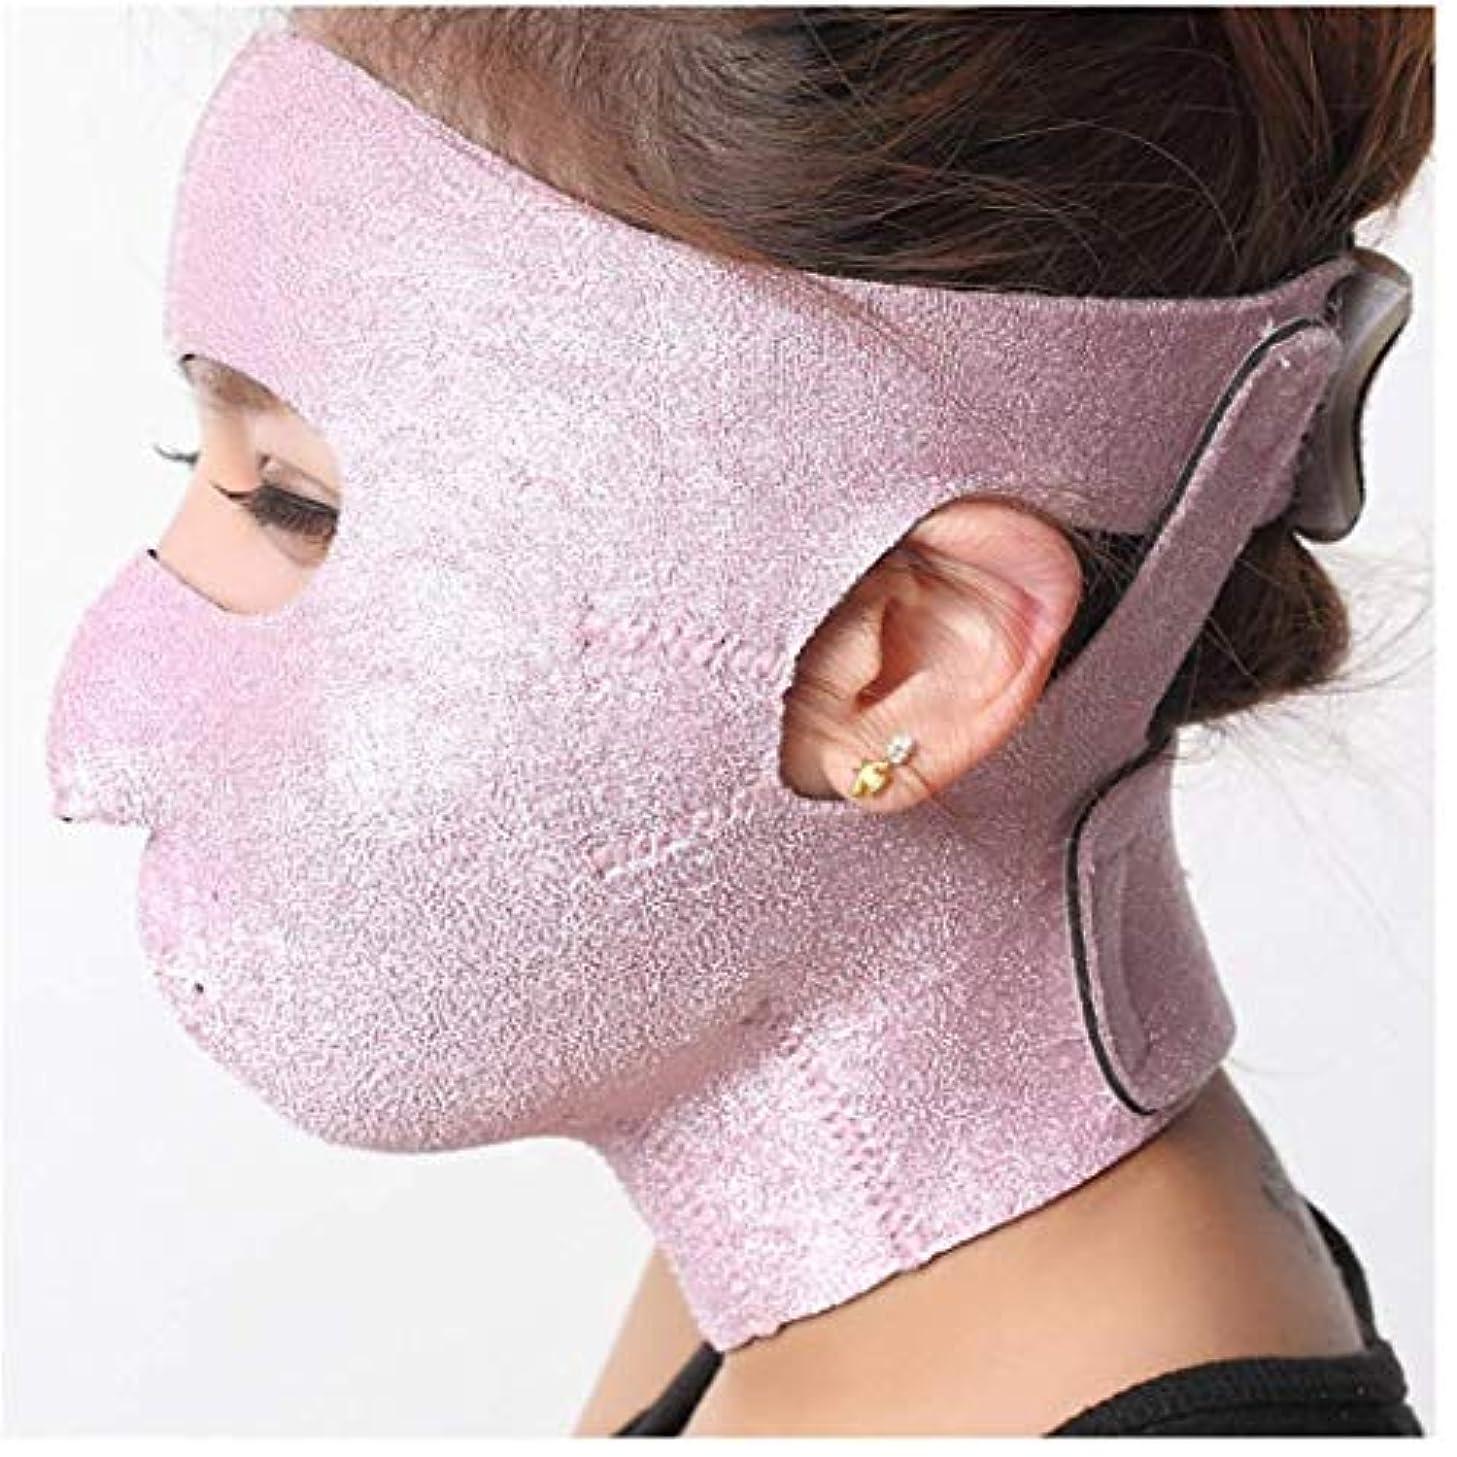 下手定刻二週間美容と実用的な引き締めフェイスマスク、小さなV顔アーティファクト睡眠薄い顔包帯マスクリフティングマスク引き締めクリーム顔リフトフェイスメロン顔楽器